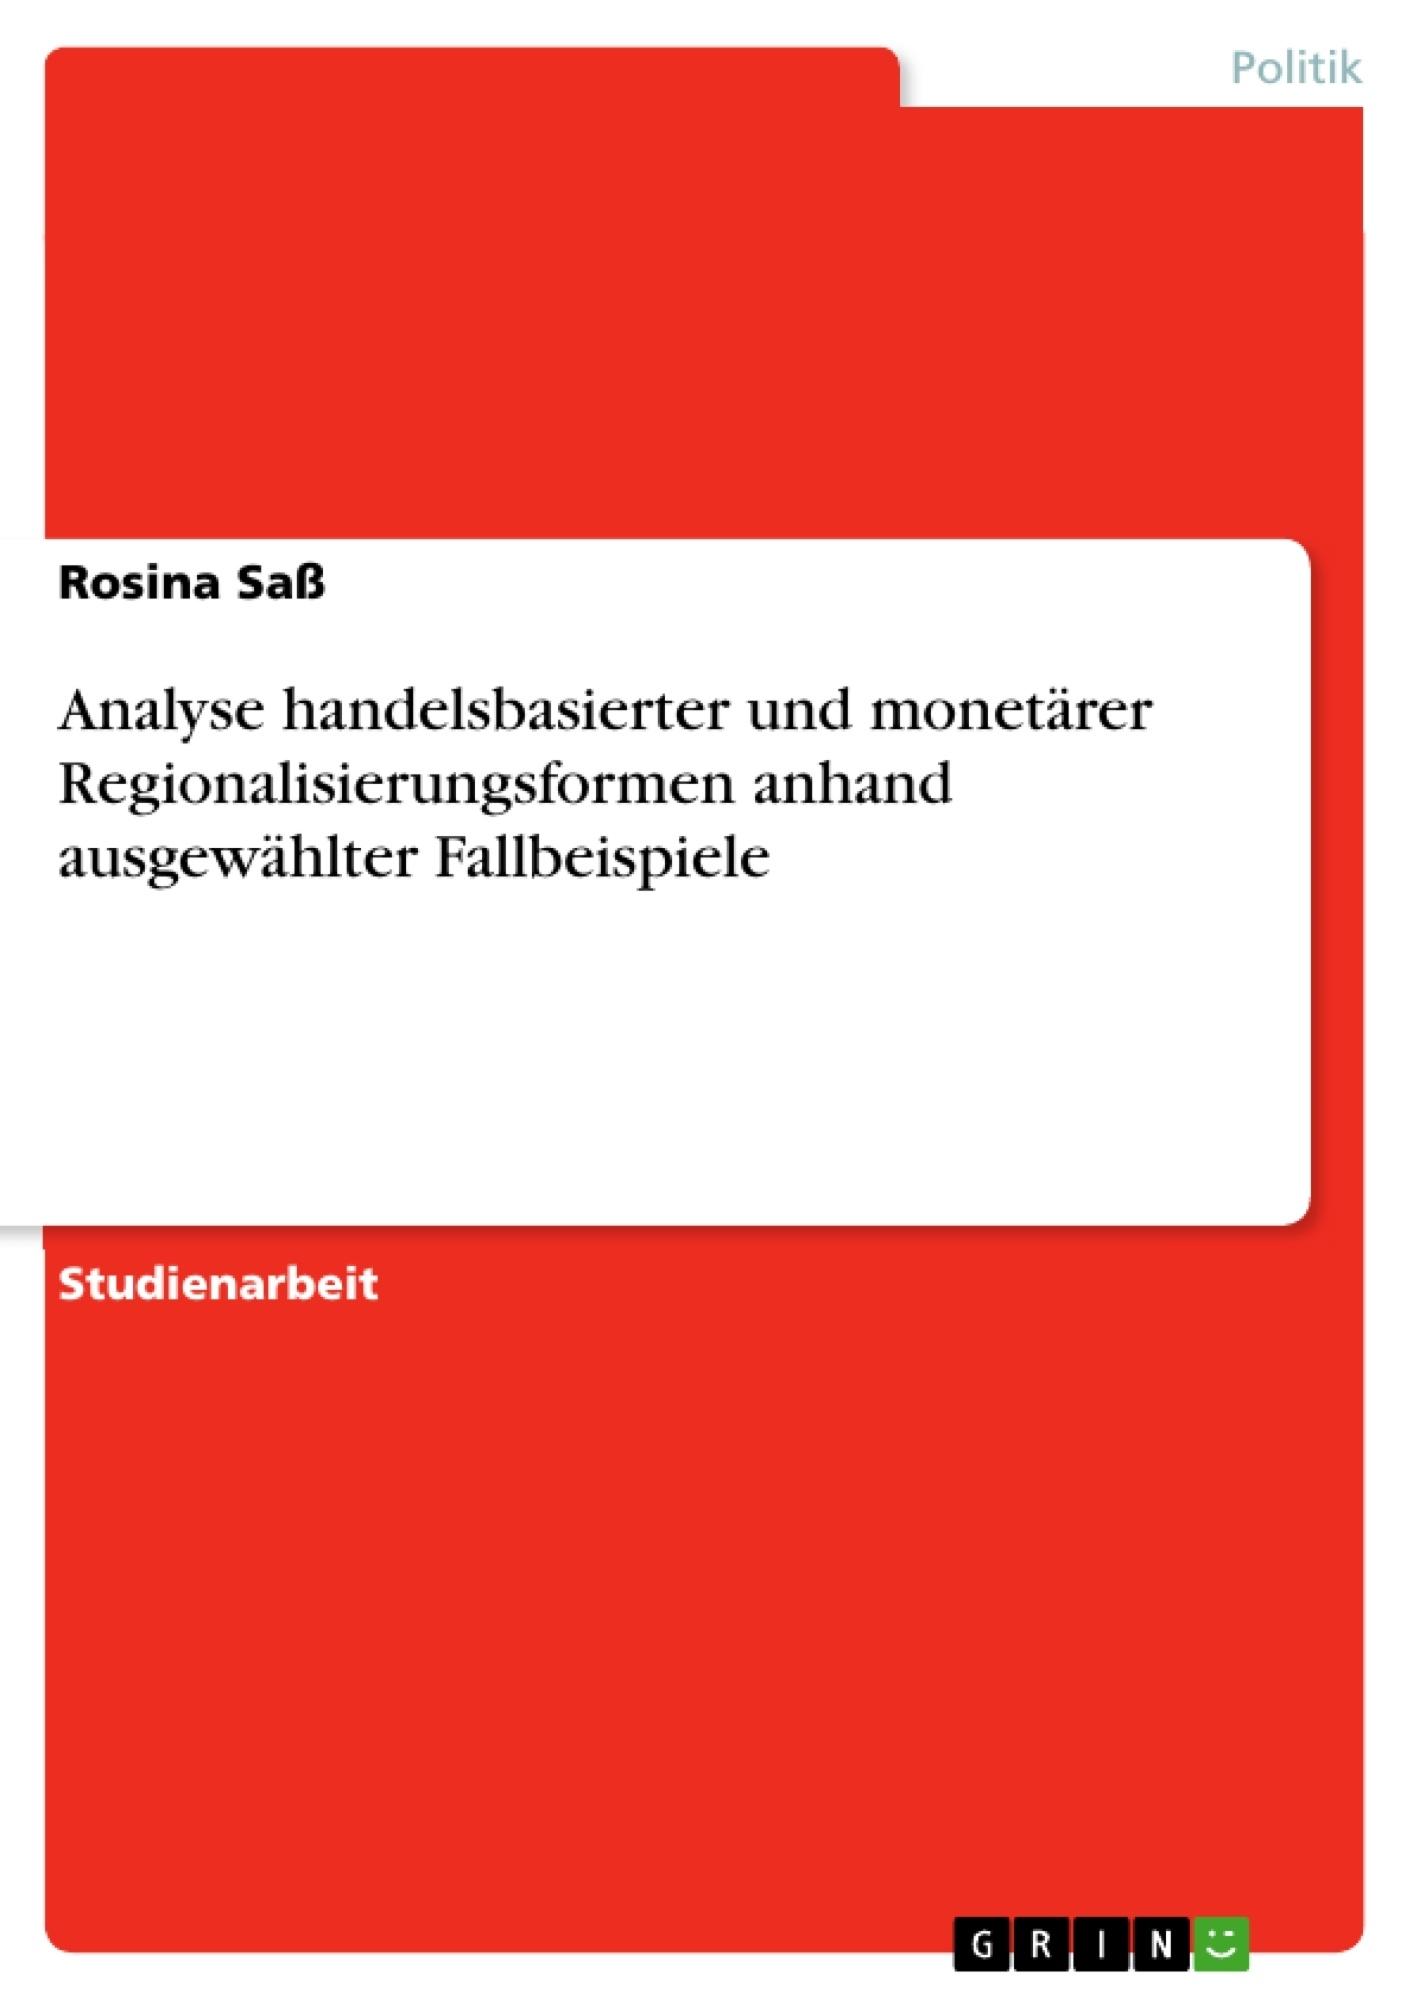 Titel: Analyse handelsbasierter und monetärer Regionalisierungsformen anhand ausgewählter Fallbeispiele